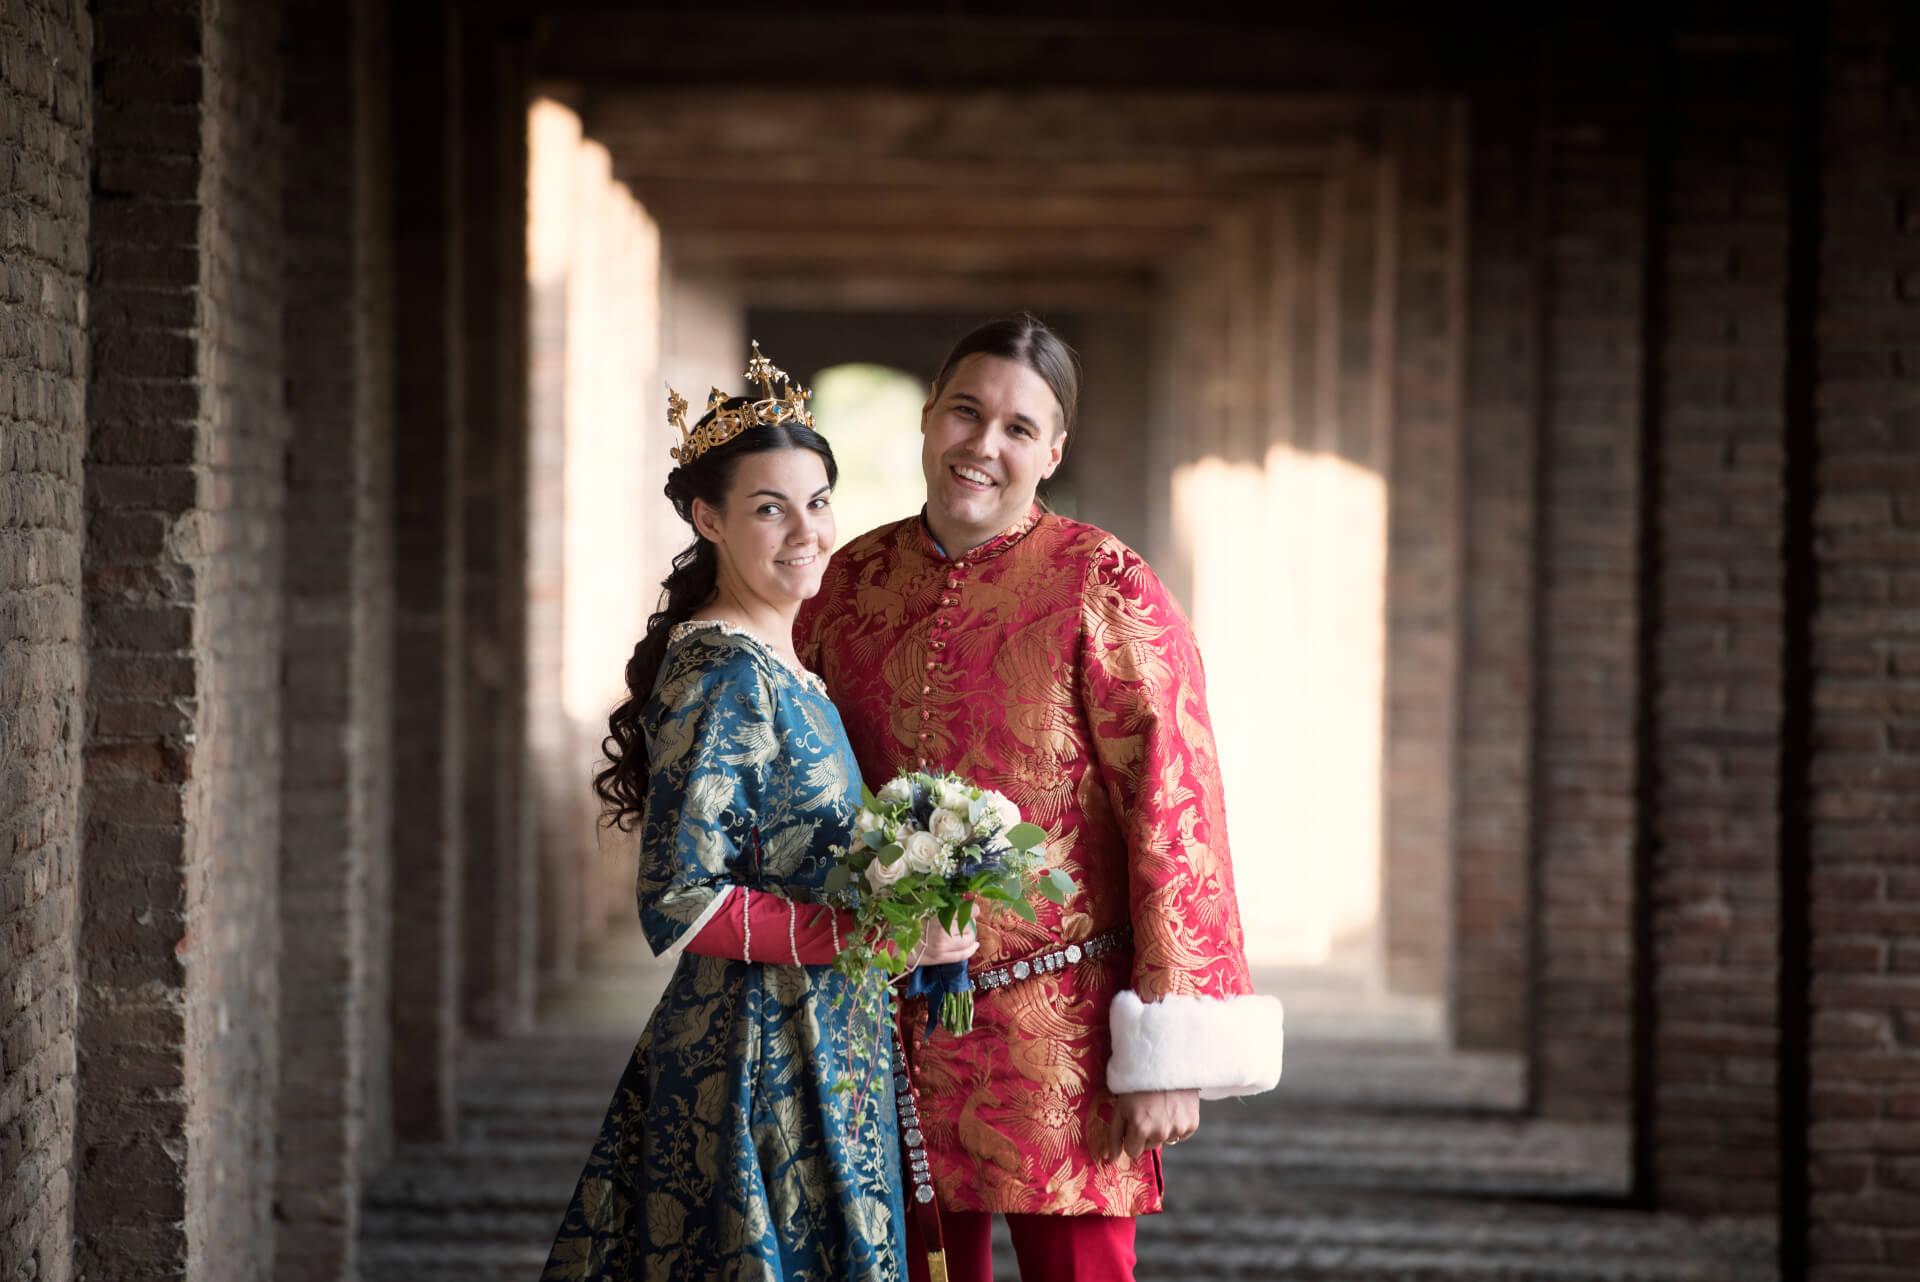 df51d35b4972 Vår bröllopshistoria - Anna och Francescos medeltidsbröllop ...